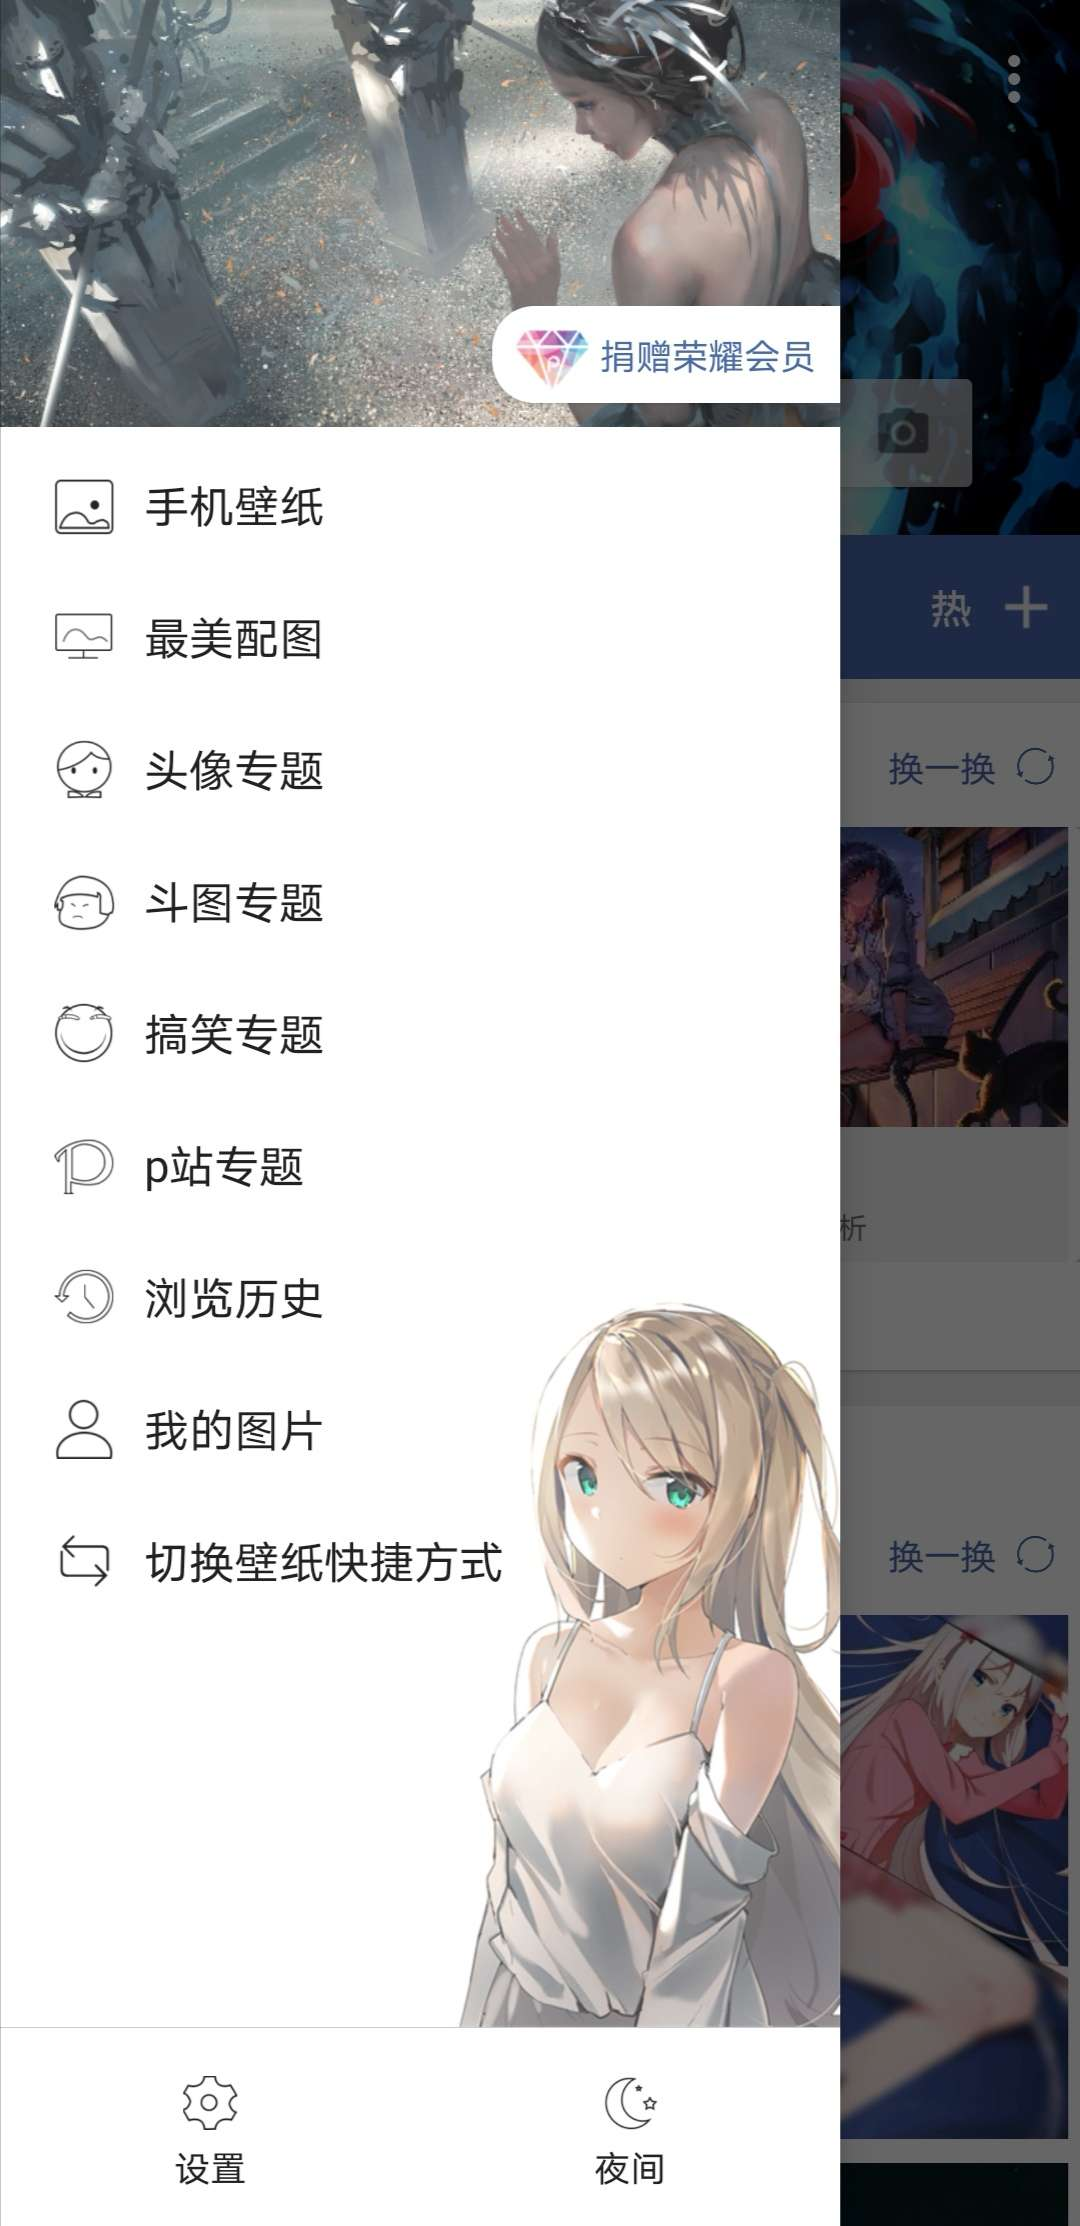 「分享」:搜图神器3.9.5  破解/荣耀会员/无广告/不限功能